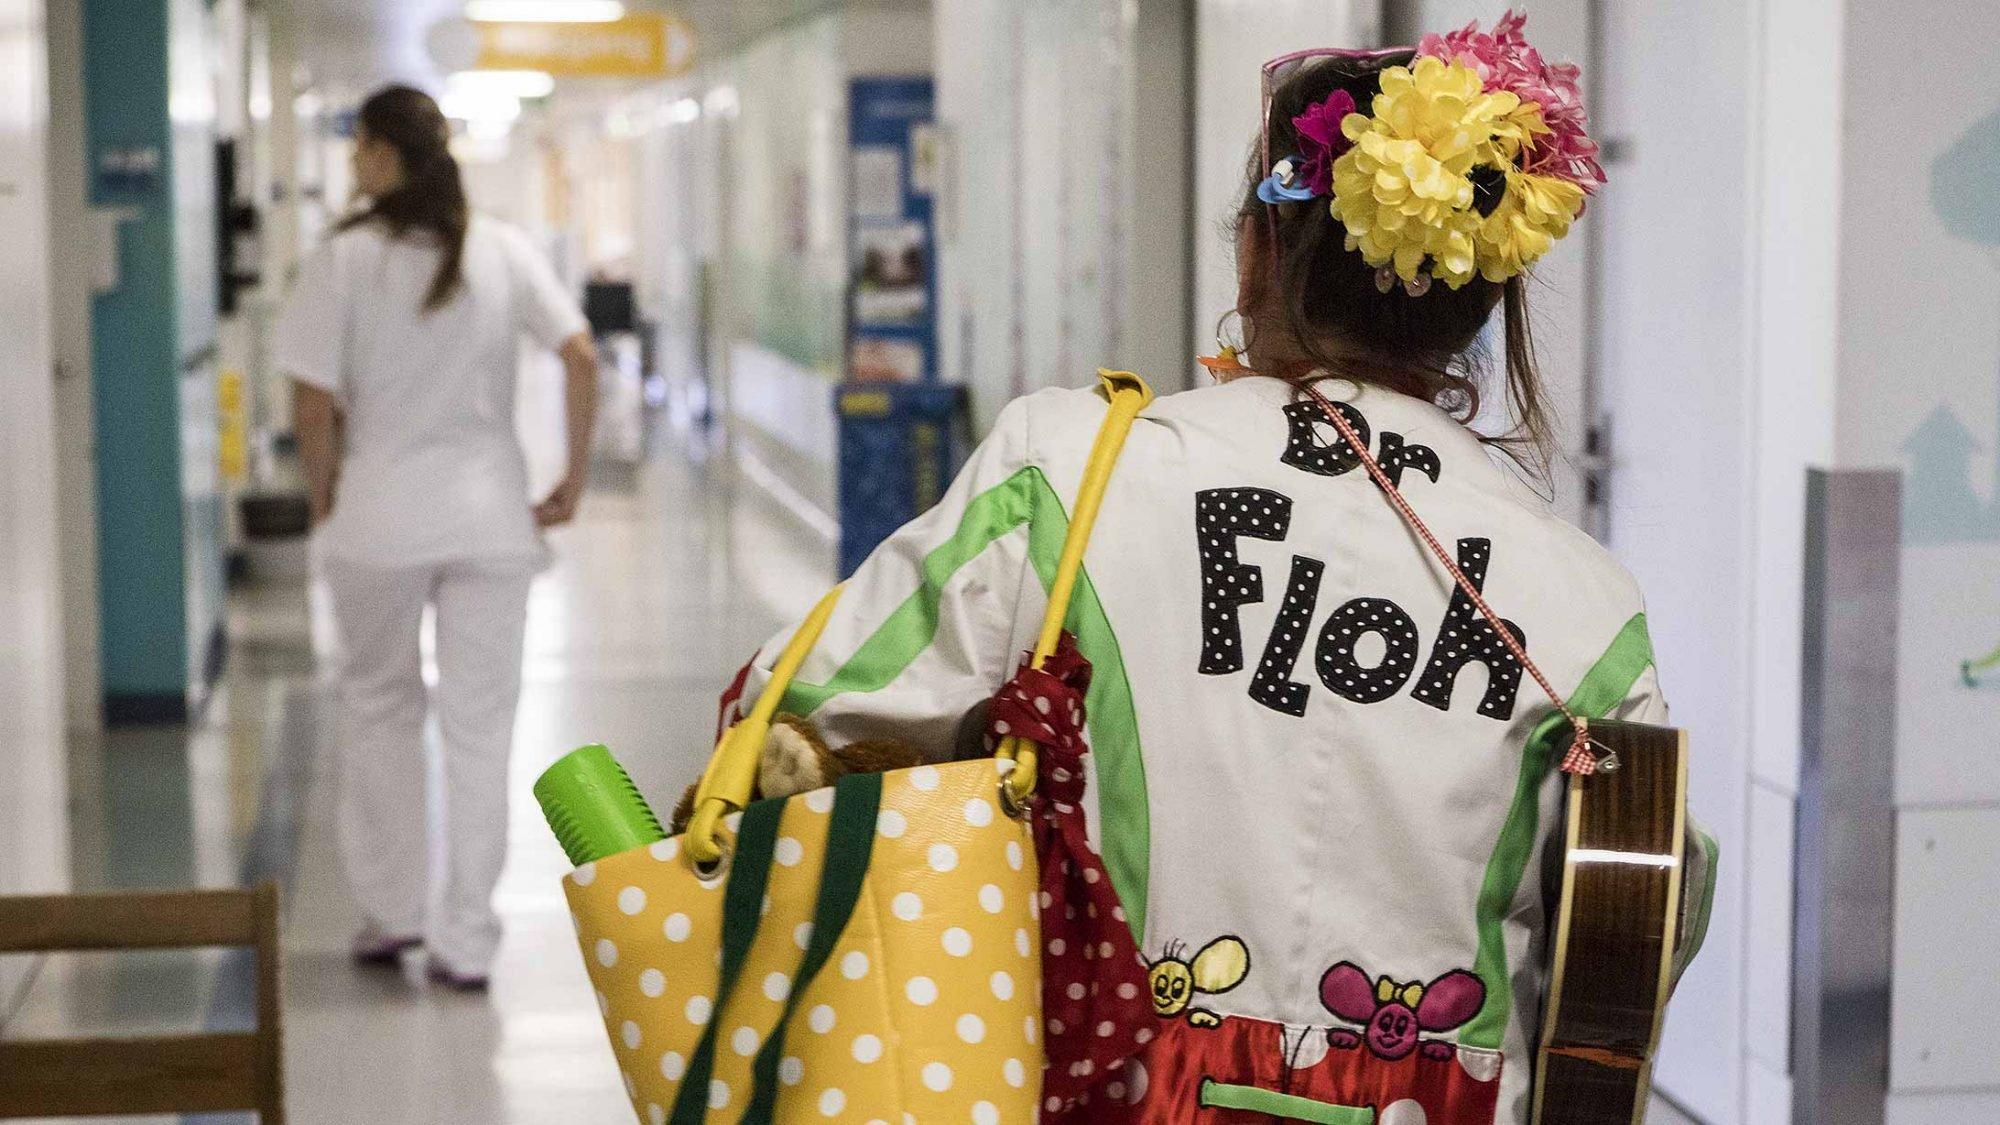 Stiftung Theodora: Dr. Floh läuft durch die Gänge des Kinderspitals.